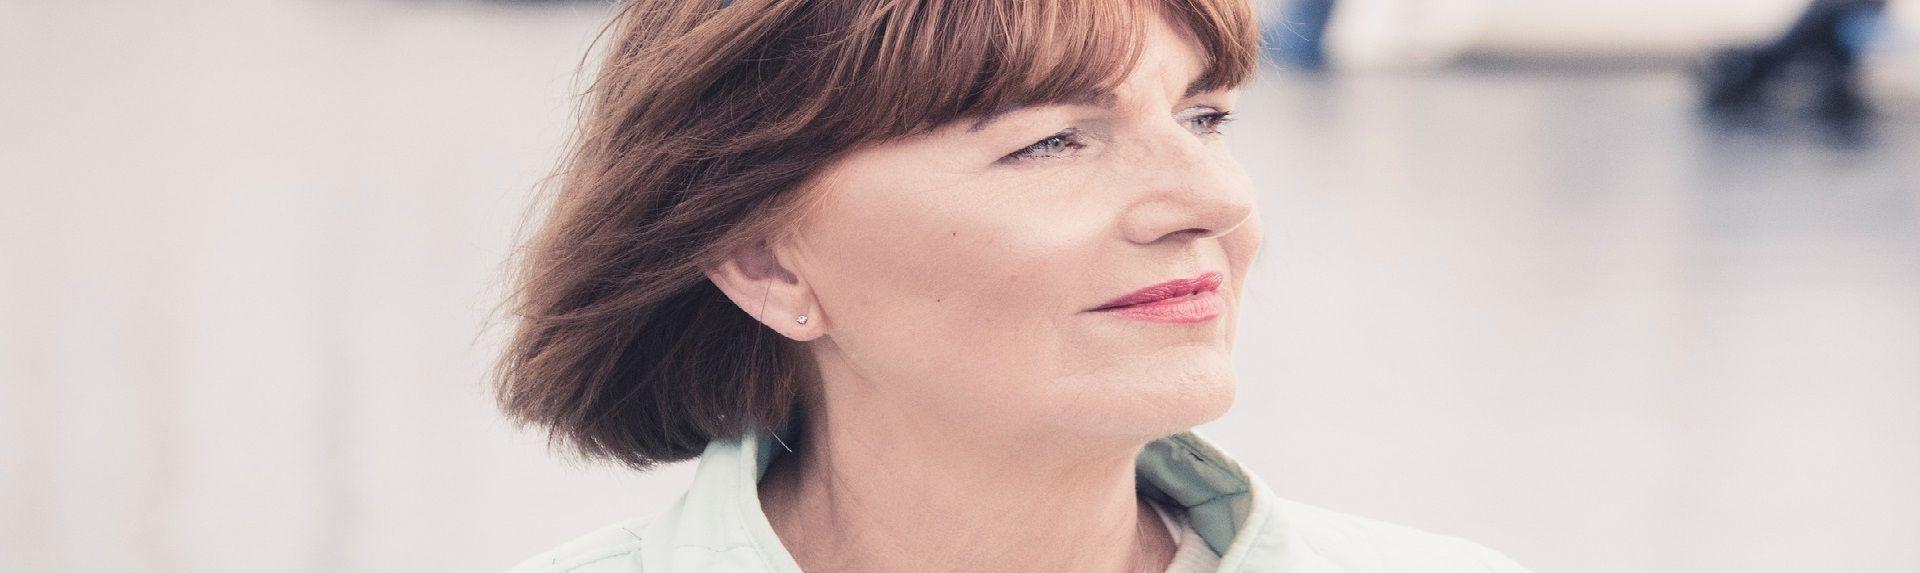 Возрастные гормональные изменения у женщин